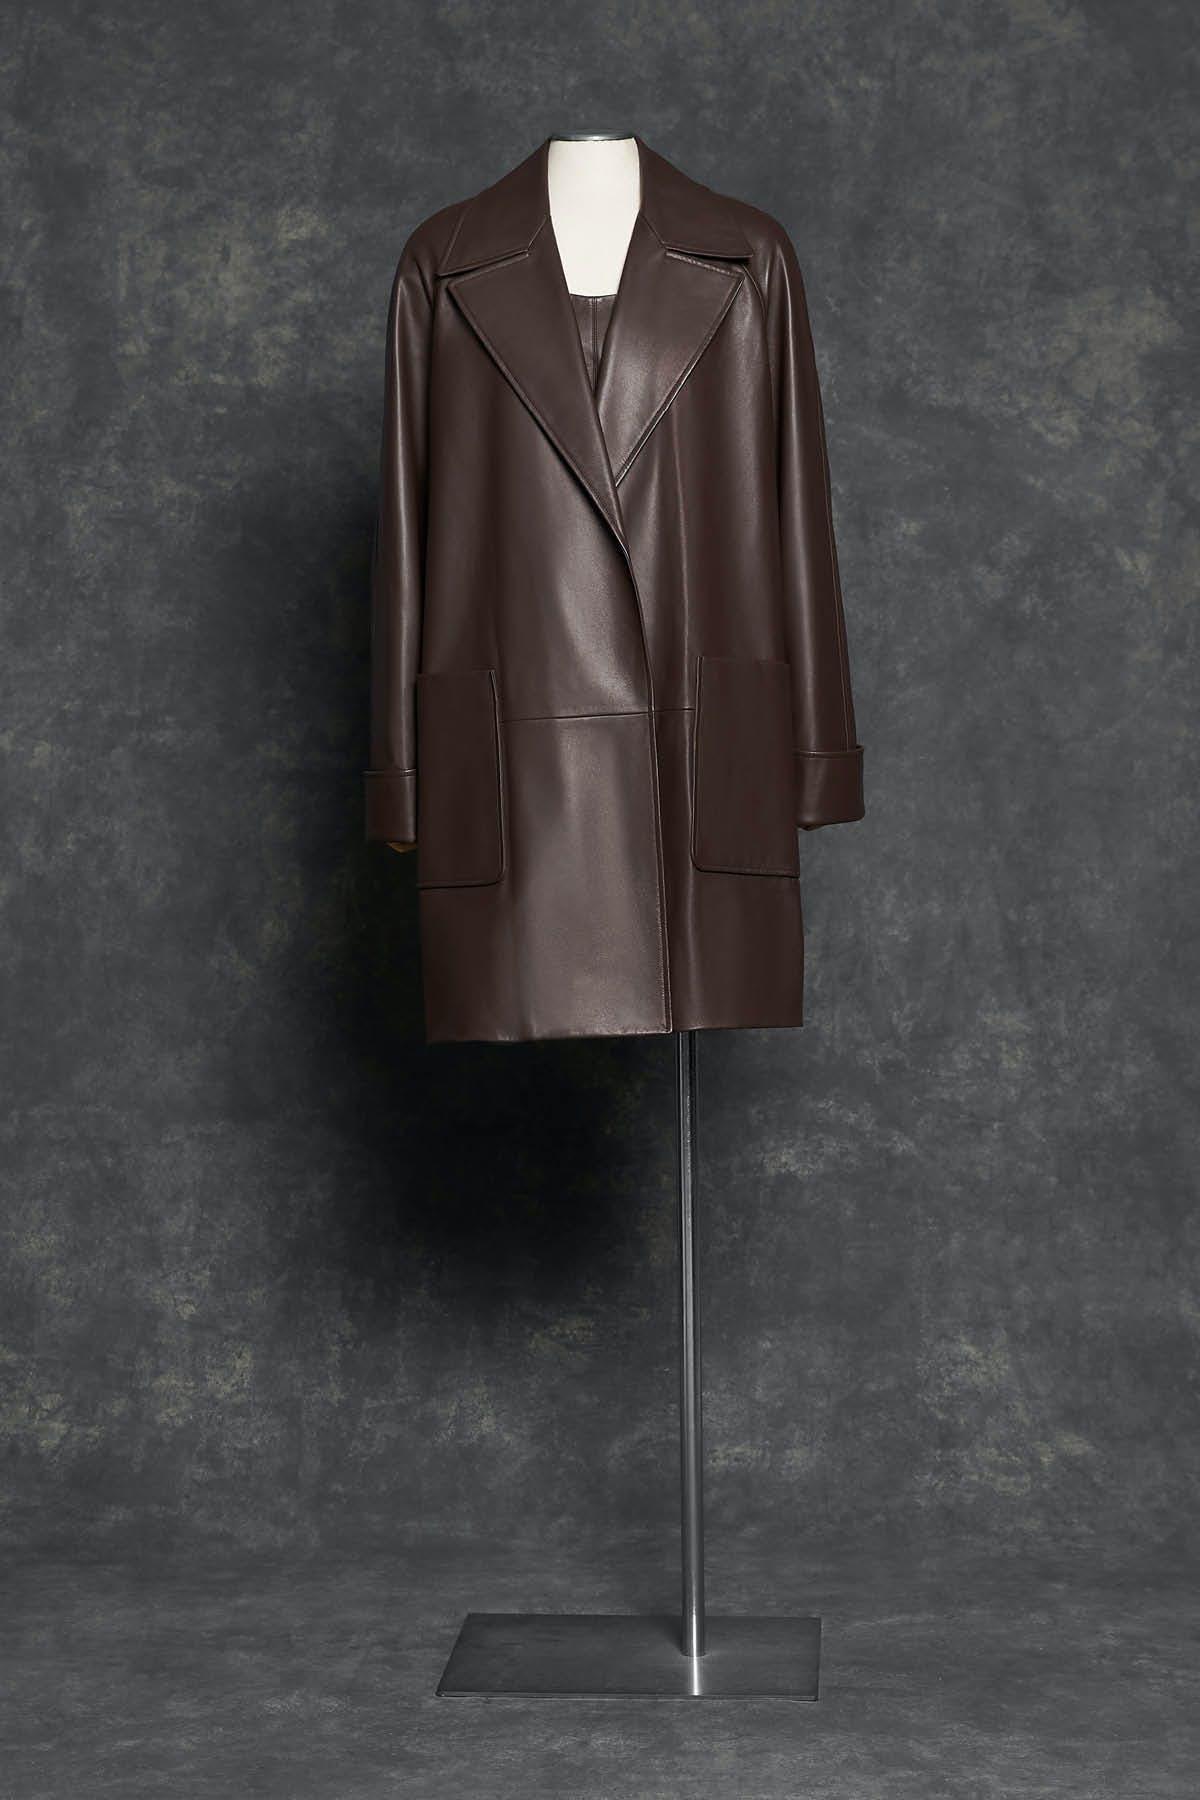 MAHOGANY PLONGÉ COAT AND DRESS